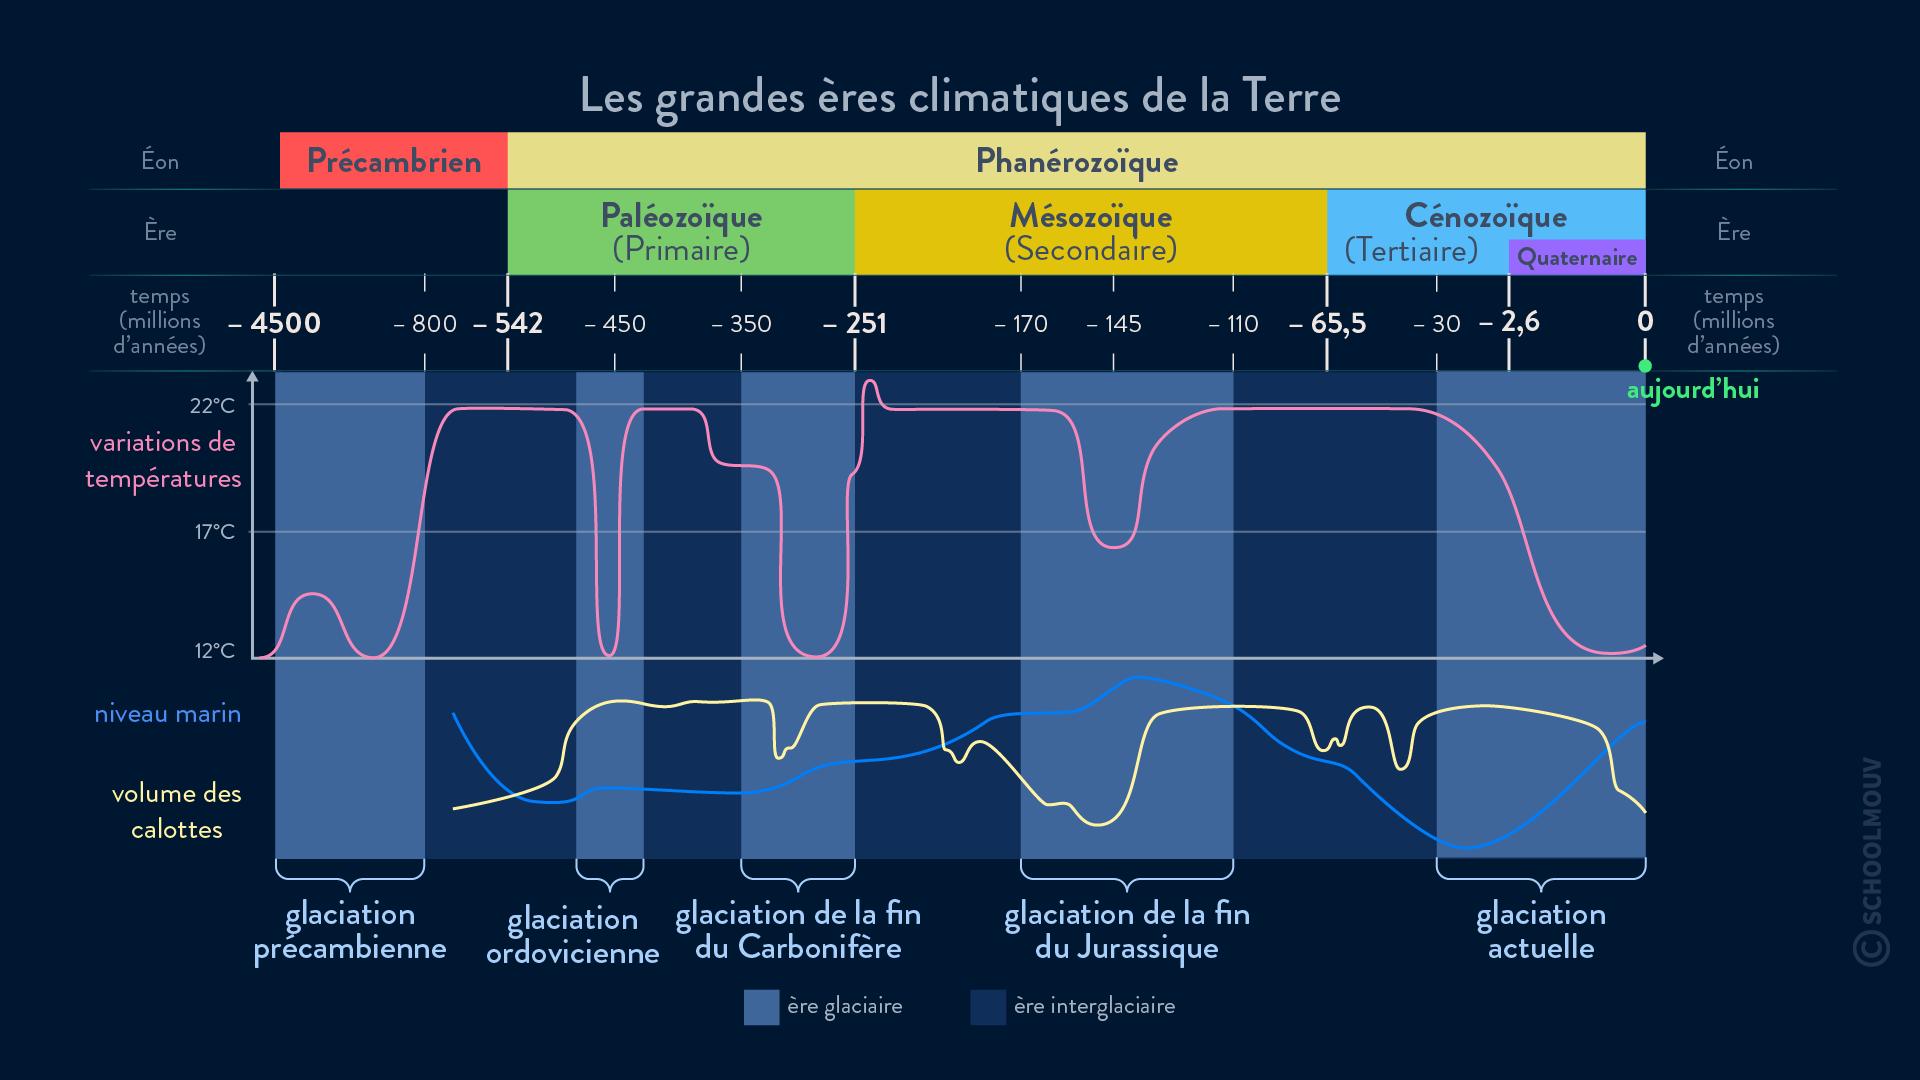 Les grandes ères climatiques échelle des temps géologiques